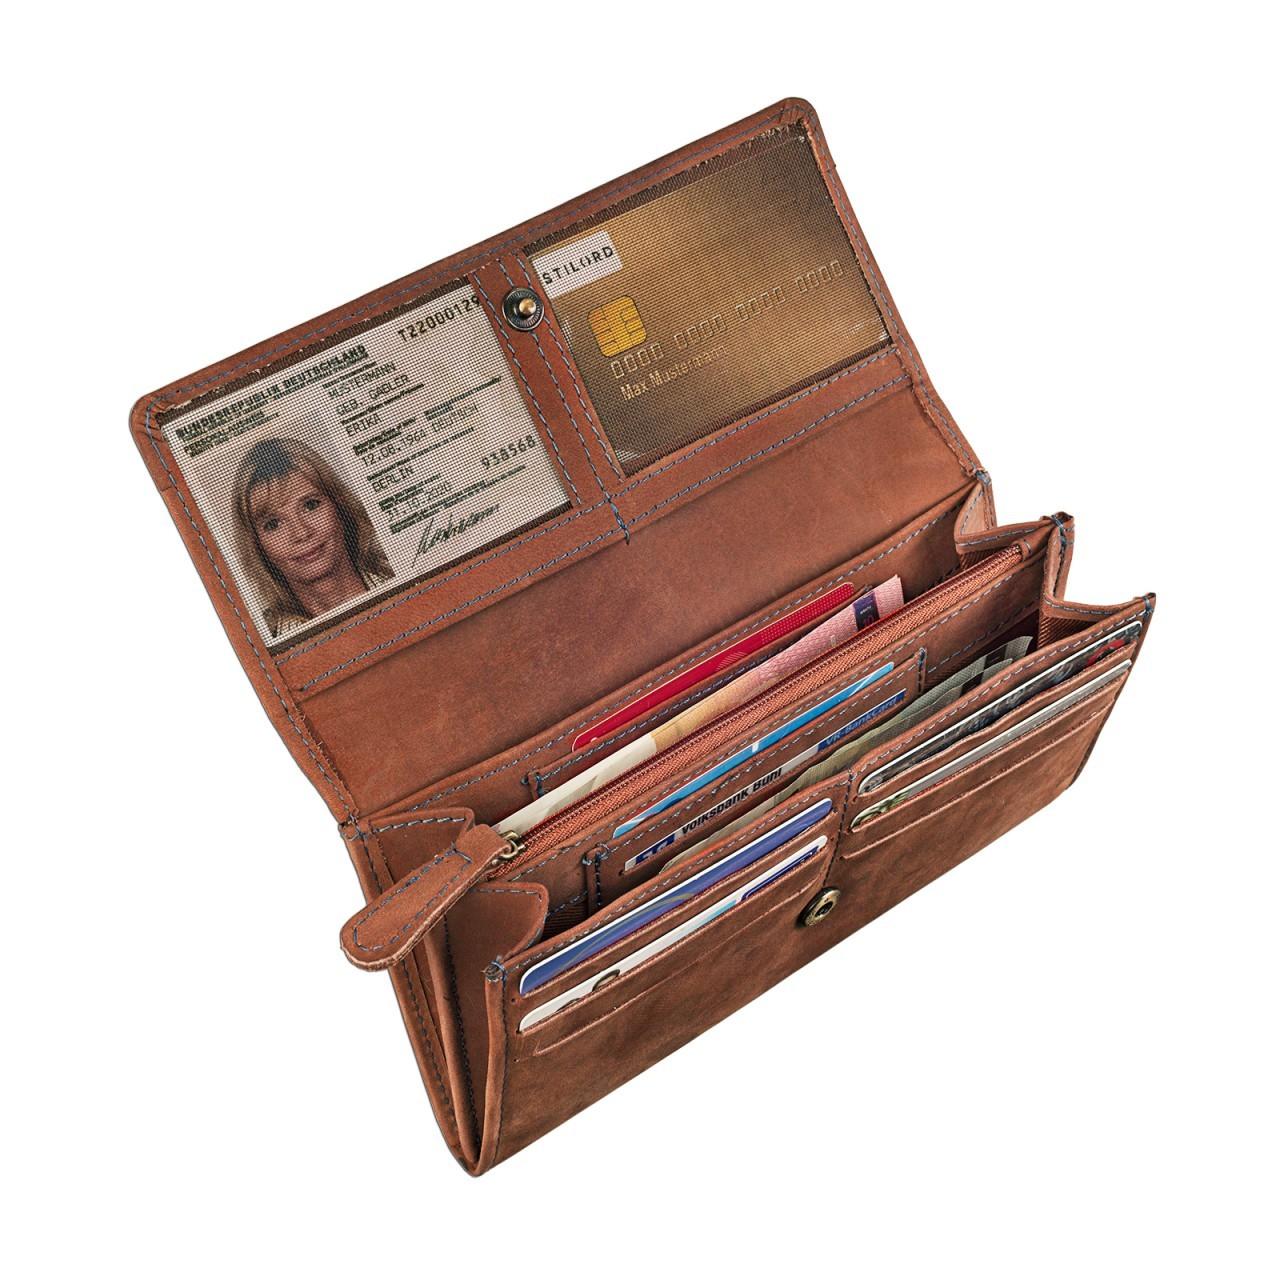 STILORD Vintage Portemonnaie aus Leder für Damen groß Geldbeutel Ledergeldbörse Reißverschluss Kartenfach Büffel-Leder braun - Bild 6